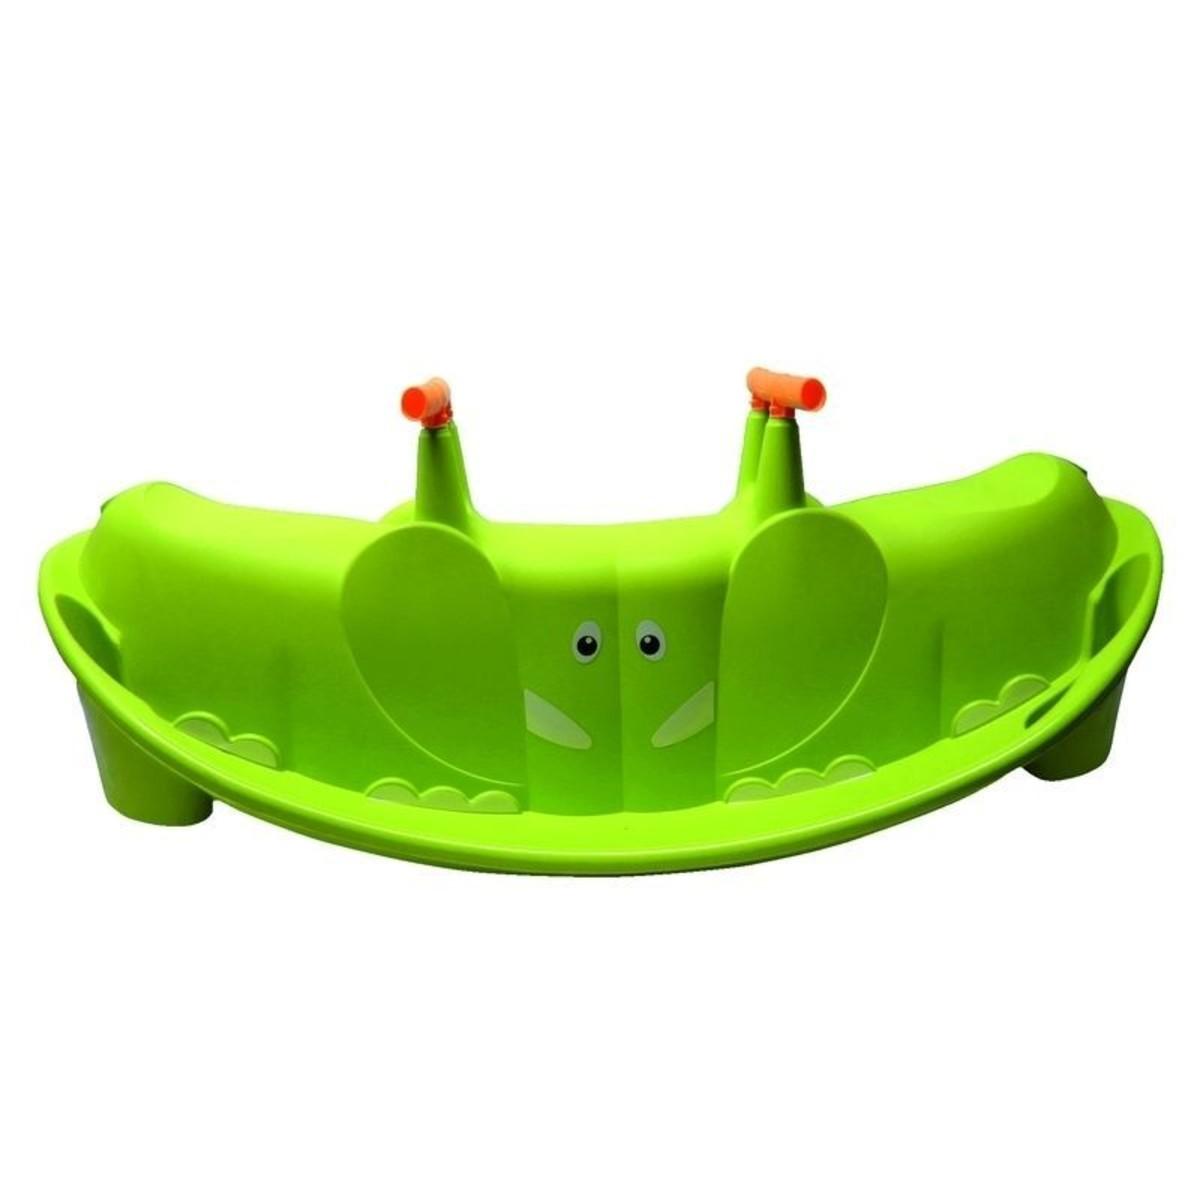 Качели пластиковые детские «Слоник»